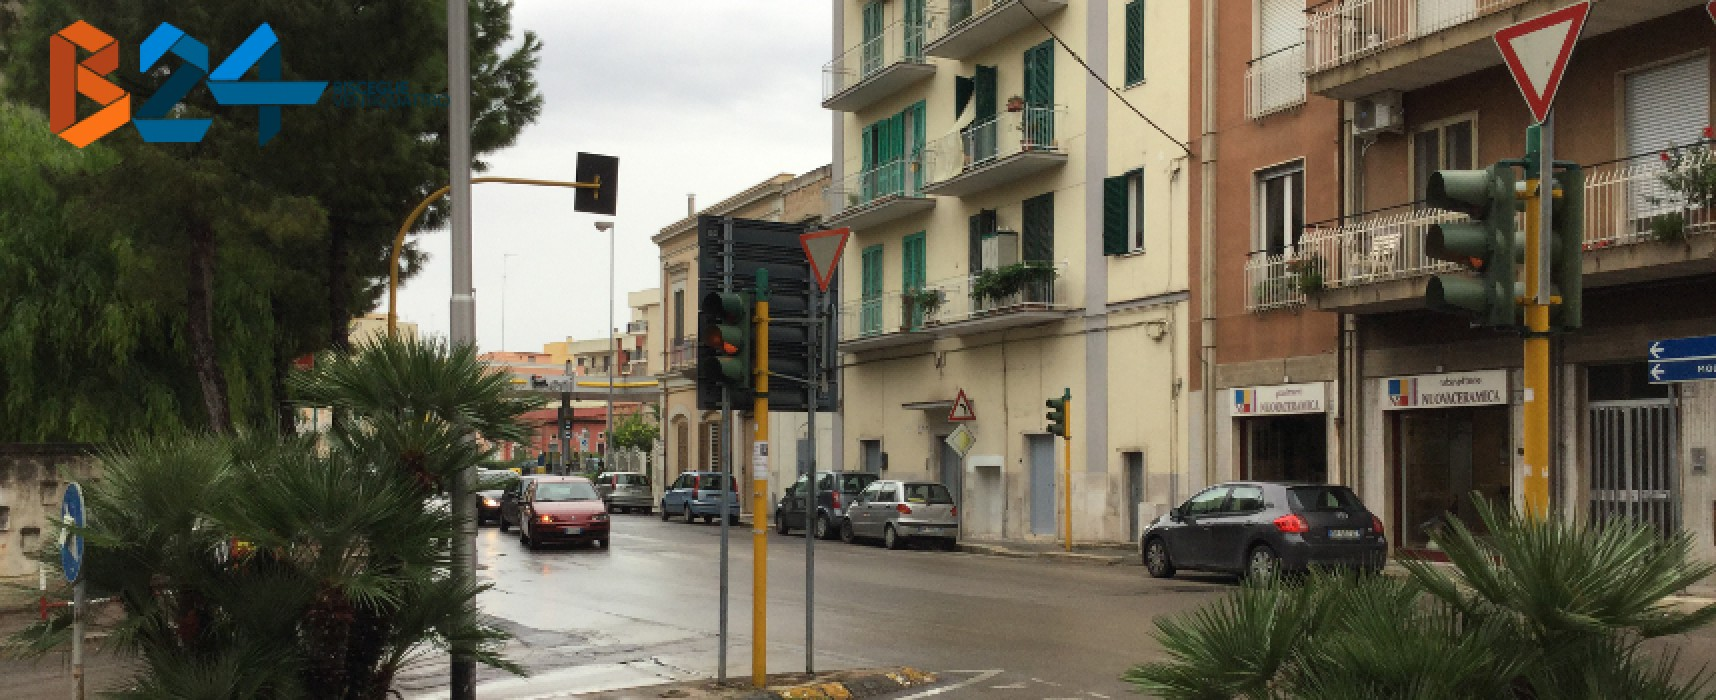 Viabilità, oggi senso unico alternato per lavori in un tratto di via Imbriani